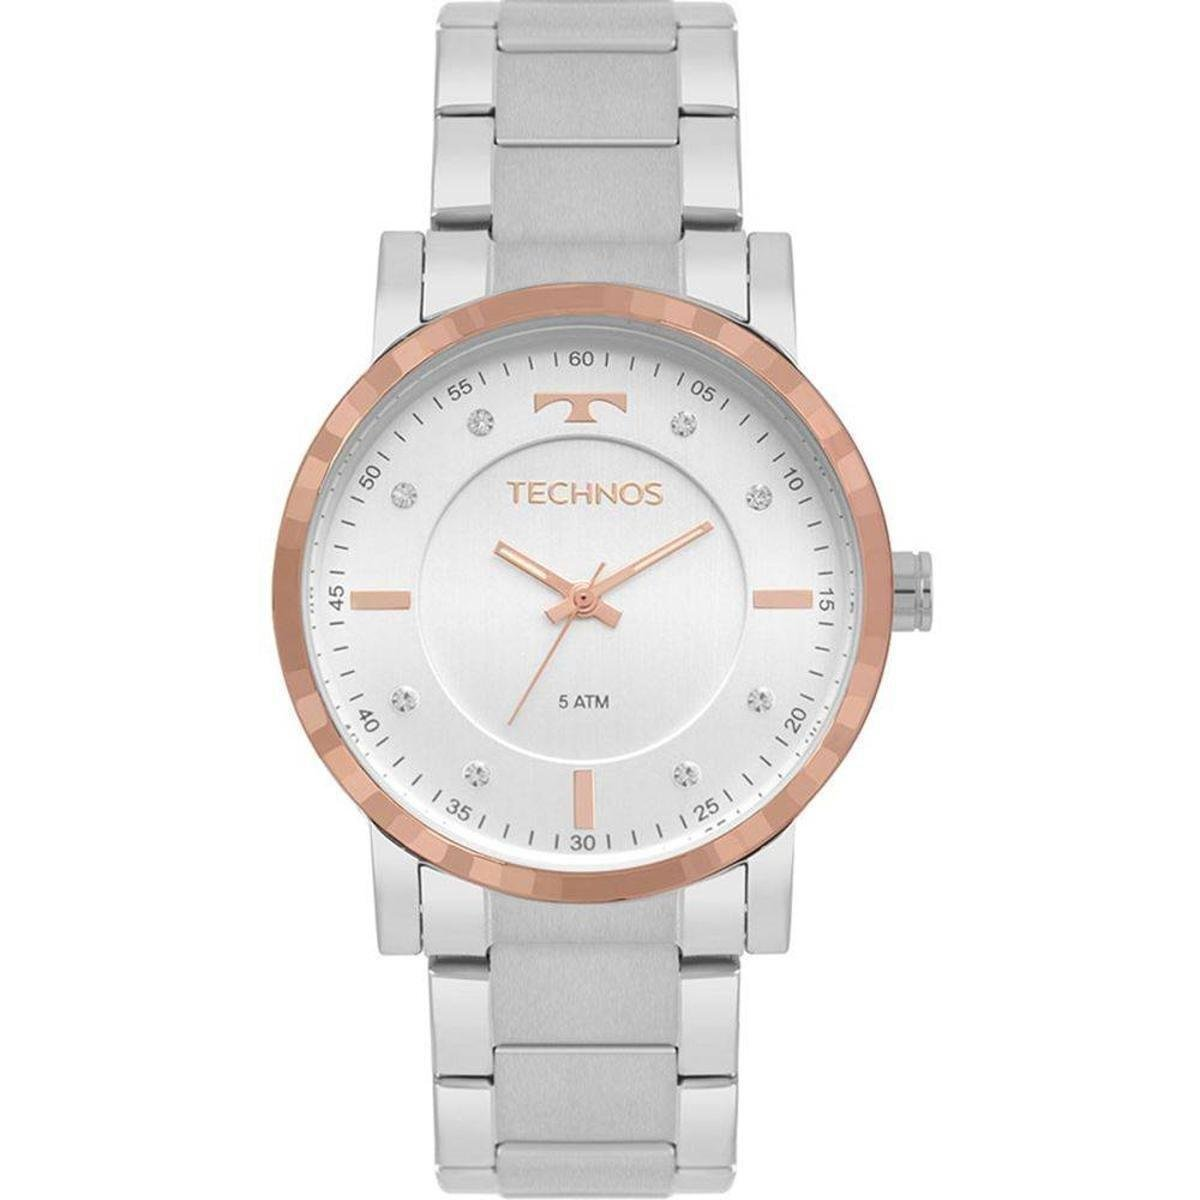 528a413a0c4 Relógio Technos Feminino Trend - Prata - Compre Agora